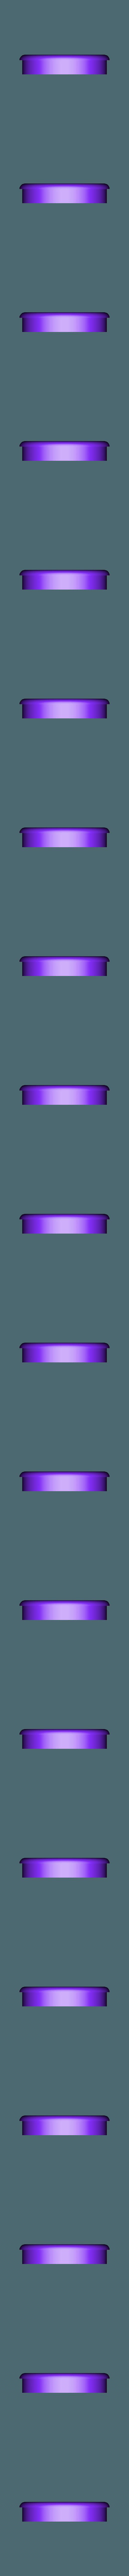 pokedex_adjusted2_BigLEDHolder_1_5.stl Télécharger fichier STL gratuit Pokedex • Modèle pour impression 3D, reakain